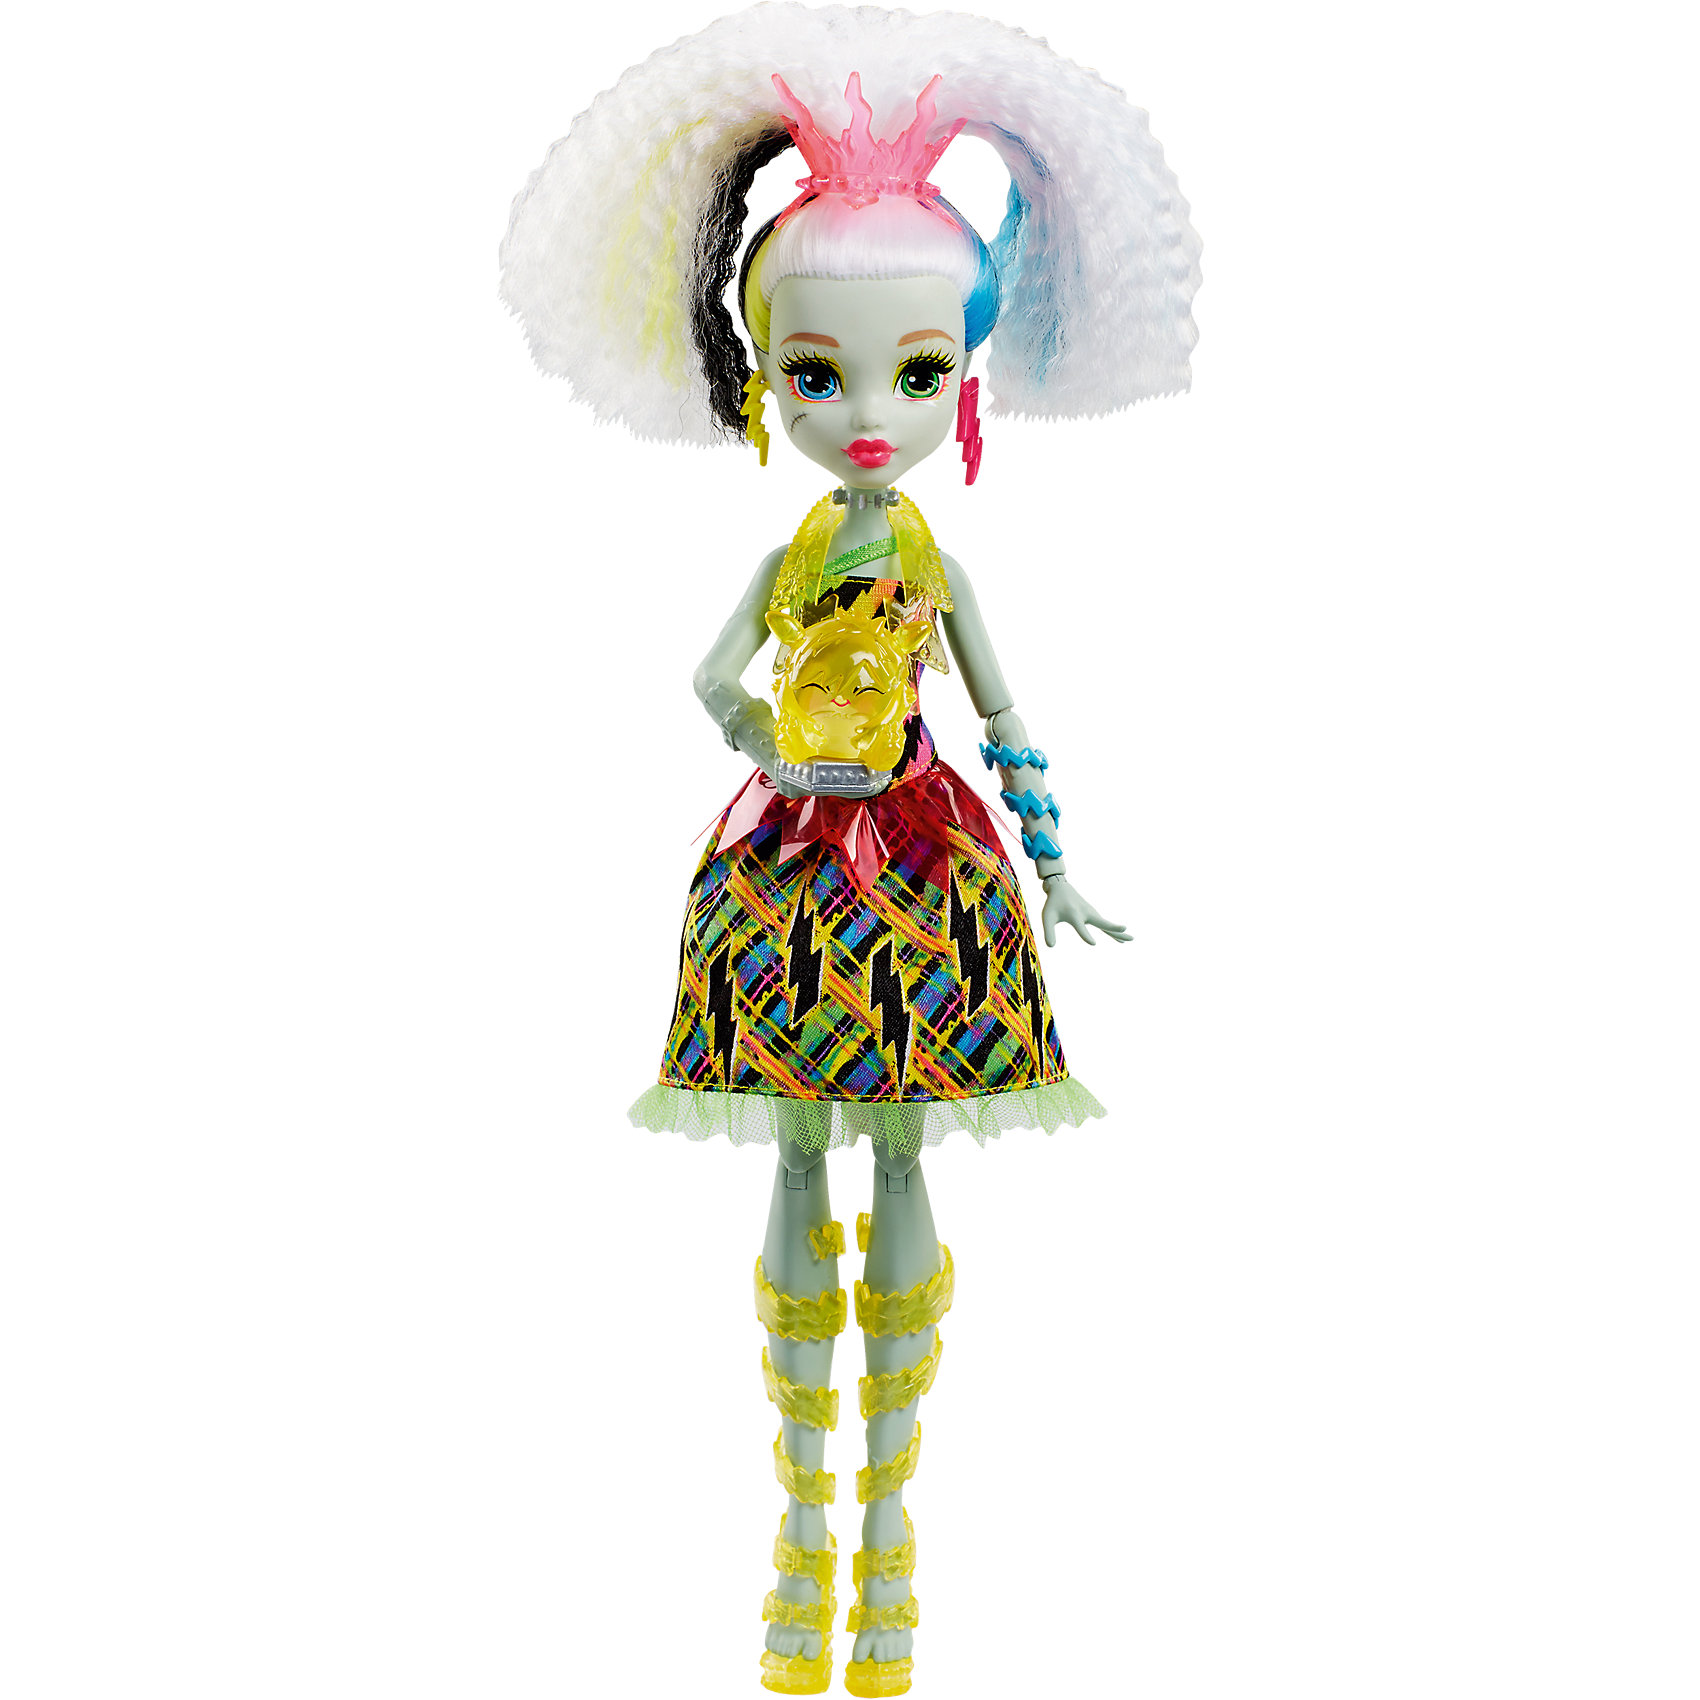 Электро Фрэнки из серии Под напряжением, Monster HighЭлектро Фрэнки из серии Под напряжением, Monster High (Монстер Хай)<br><br>Характеристики:<br><br>• любимый питомец поможет Фрэнки светиться от счастья<br>• волосы куклы светятся разными цветами<br>• кукла умеет смеяться и устраивать световое шоу<br>• материал: пластик, текстиль<br>• высота куклы: 30 см<br>• батарейки: LR44 - 3 шт. (входят в комплект)<br>• размер упаковки: 33х21х9 см<br>• вес: 280 грамм<br><br>Красавица Фрэнки из серии Под напряжением понравится всем любителям Школы Монстров. После общения со своим питомцем Фрэнки забавно хохочет, а ее волосы начинают мигать разными цветами. Цветные волосы, световое шоу никого не оставят равнодушным! Фрэнки одета в платье с ярким принтом и модные сапожки. Серьги в виде молний и голубые браслеты подчеркивают неповторимость образа красавицы. Интерактивная Фрэнки подарит вам много положительных эмоций!<br><br>Электро Фрэнки из серии Под напряжением, Monster High (Монстер Хай) можно купить в нашем интернет-магазине.<br><br>Ширина мм: 328<br>Глубина мм: 207<br>Высота мм: 81<br>Вес г: 277<br>Возраст от месяцев: 72<br>Возраст до месяцев: 120<br>Пол: Женский<br>Возраст: Детский<br>SKU: 5089104